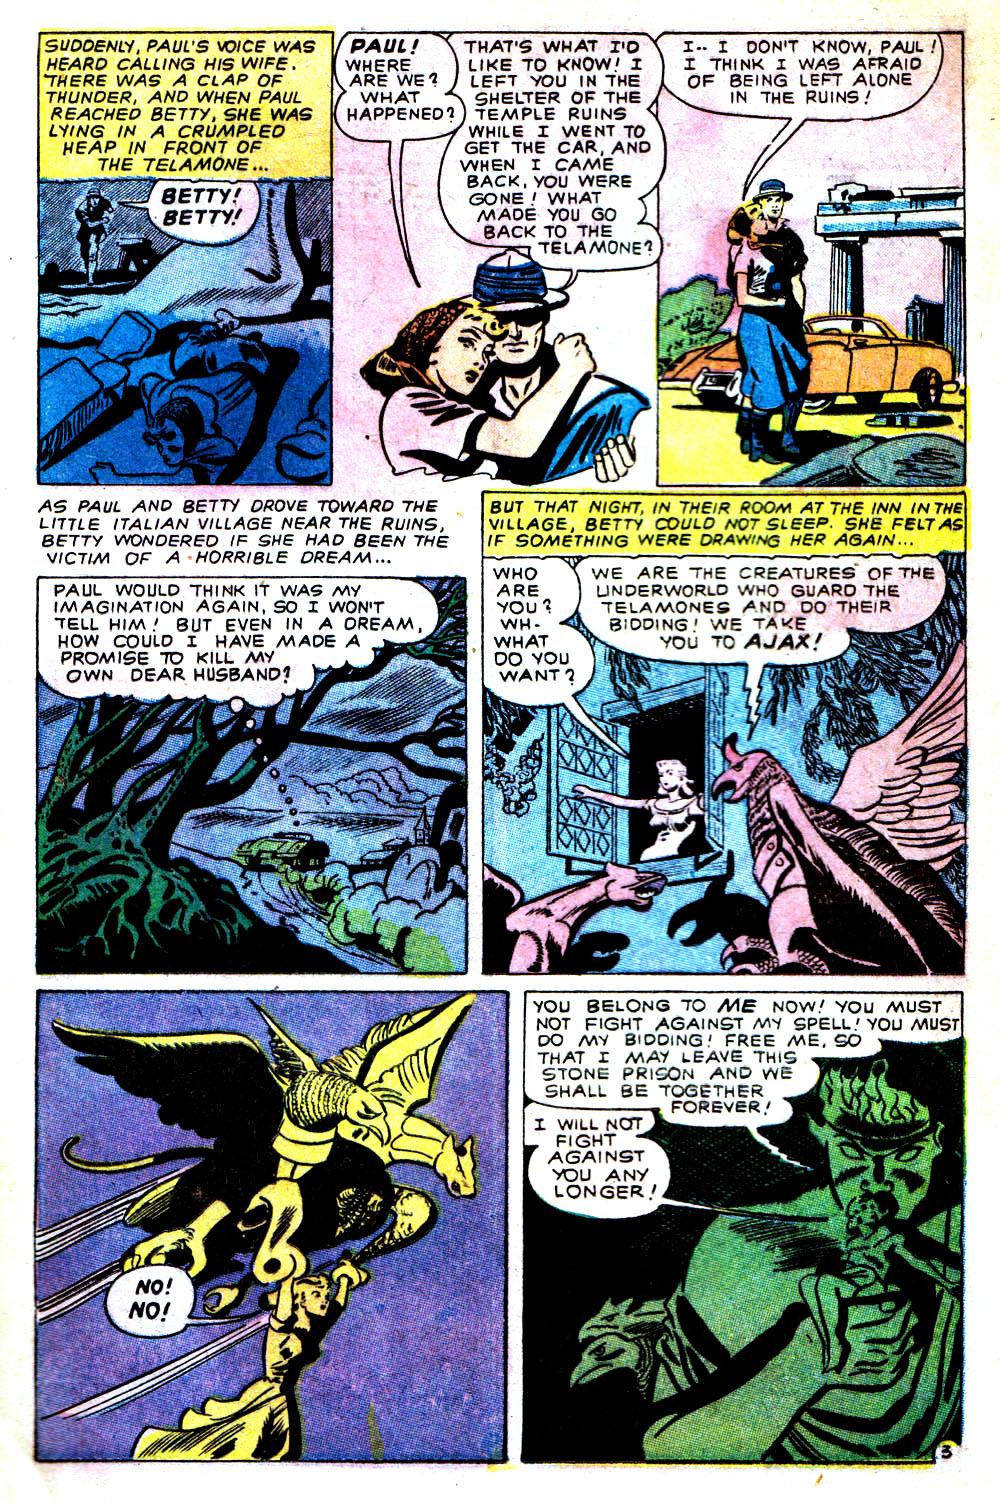 Under The Telamone's Spell | Ace Horror